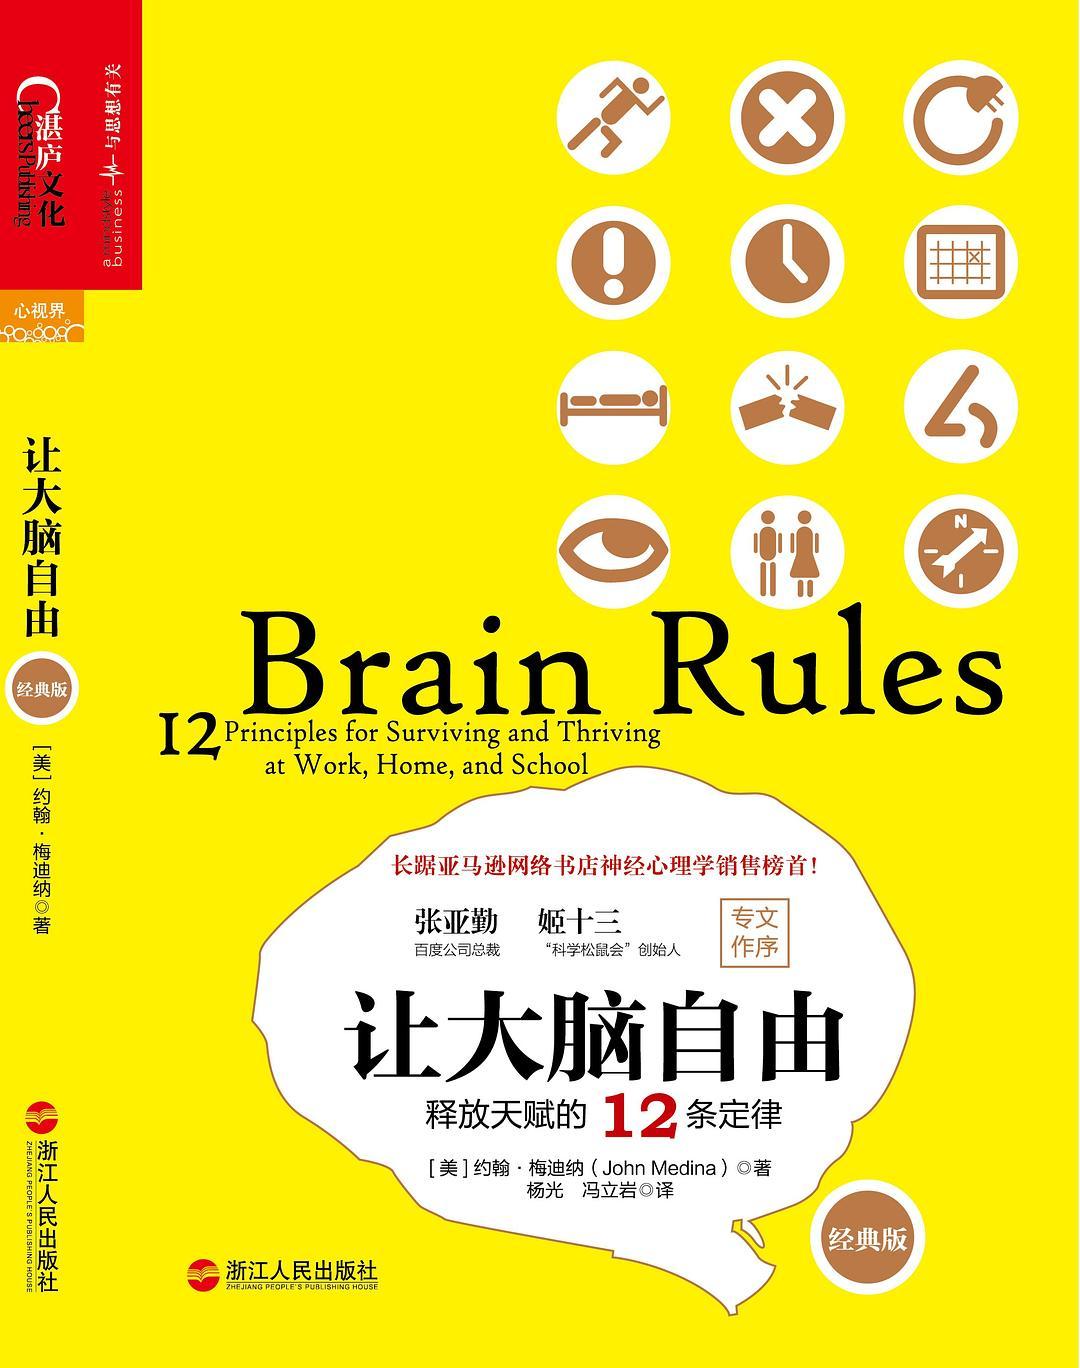 让大脑自由(经典版)PDF下载